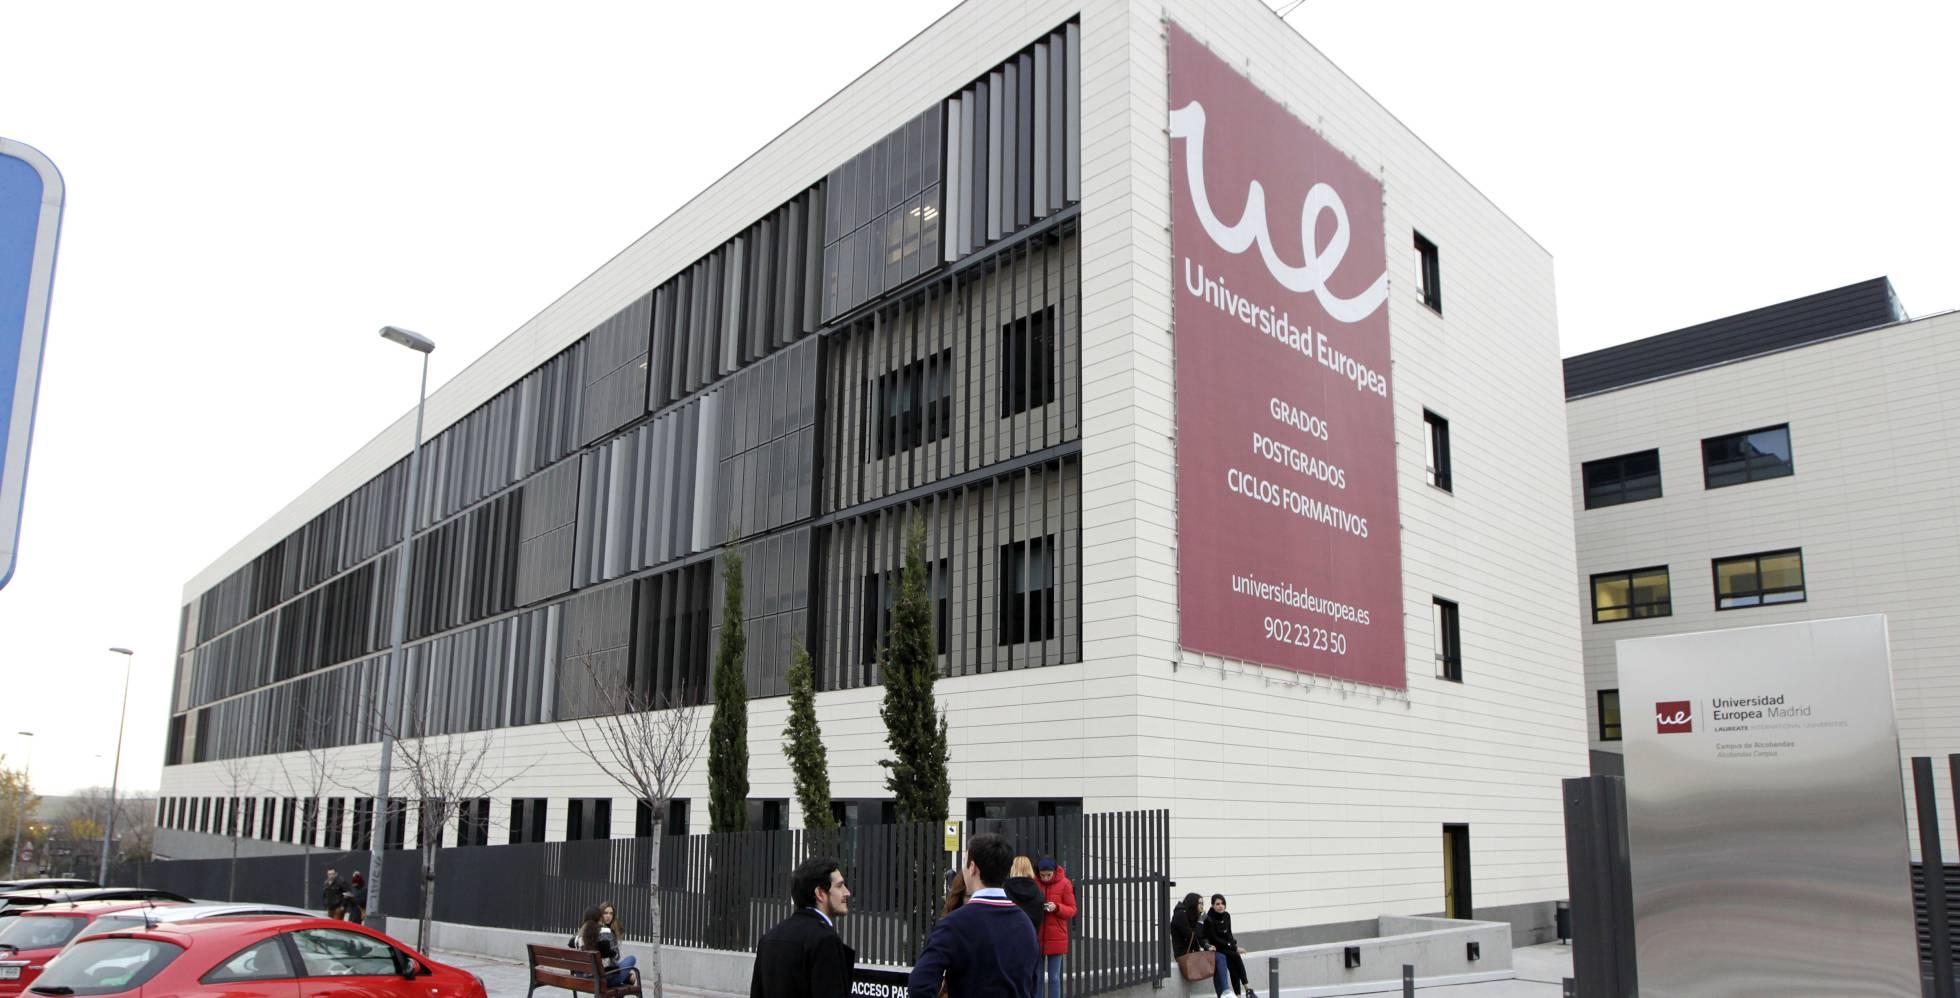 Образовательный сектор Испании привлекает инвесторов